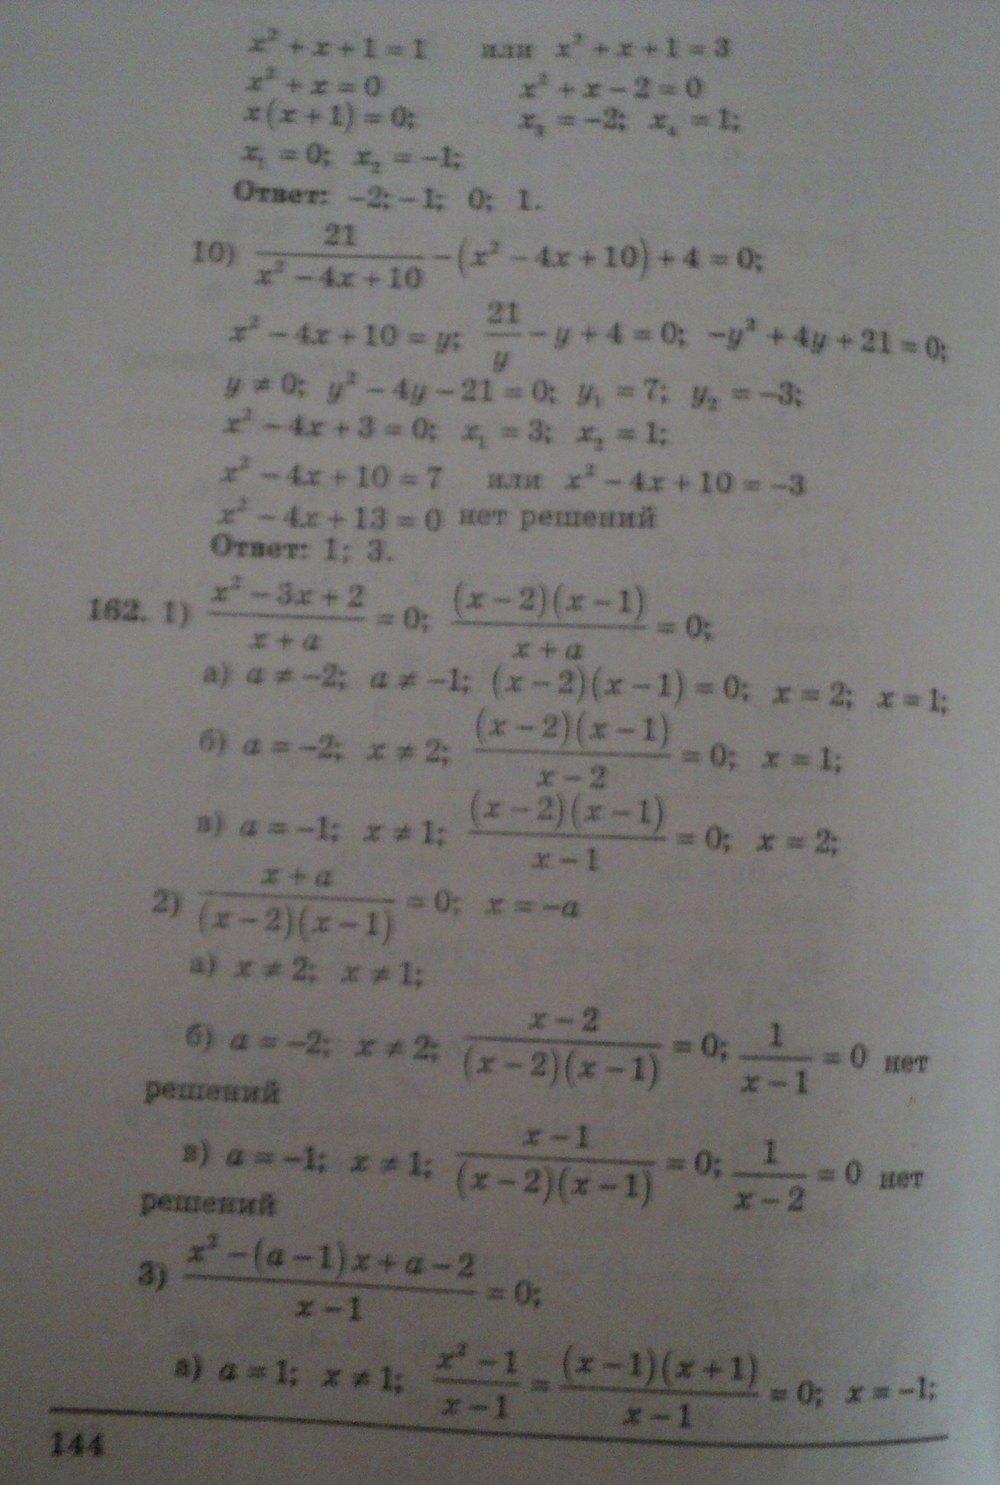 ГДЗ по алгебре 8 класс Щербань П.. Задание: стр. 144